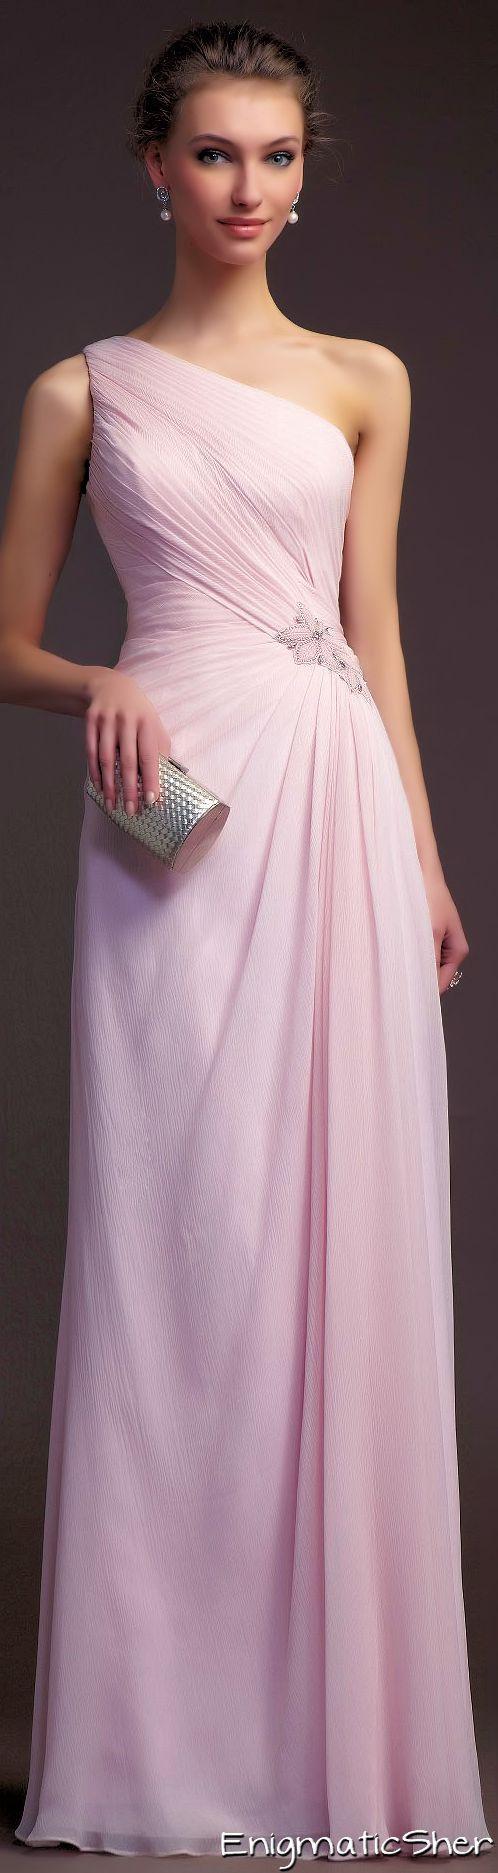 Rosa palo perfecto para q tus damas brillen sin necesidad de opacar tu boda